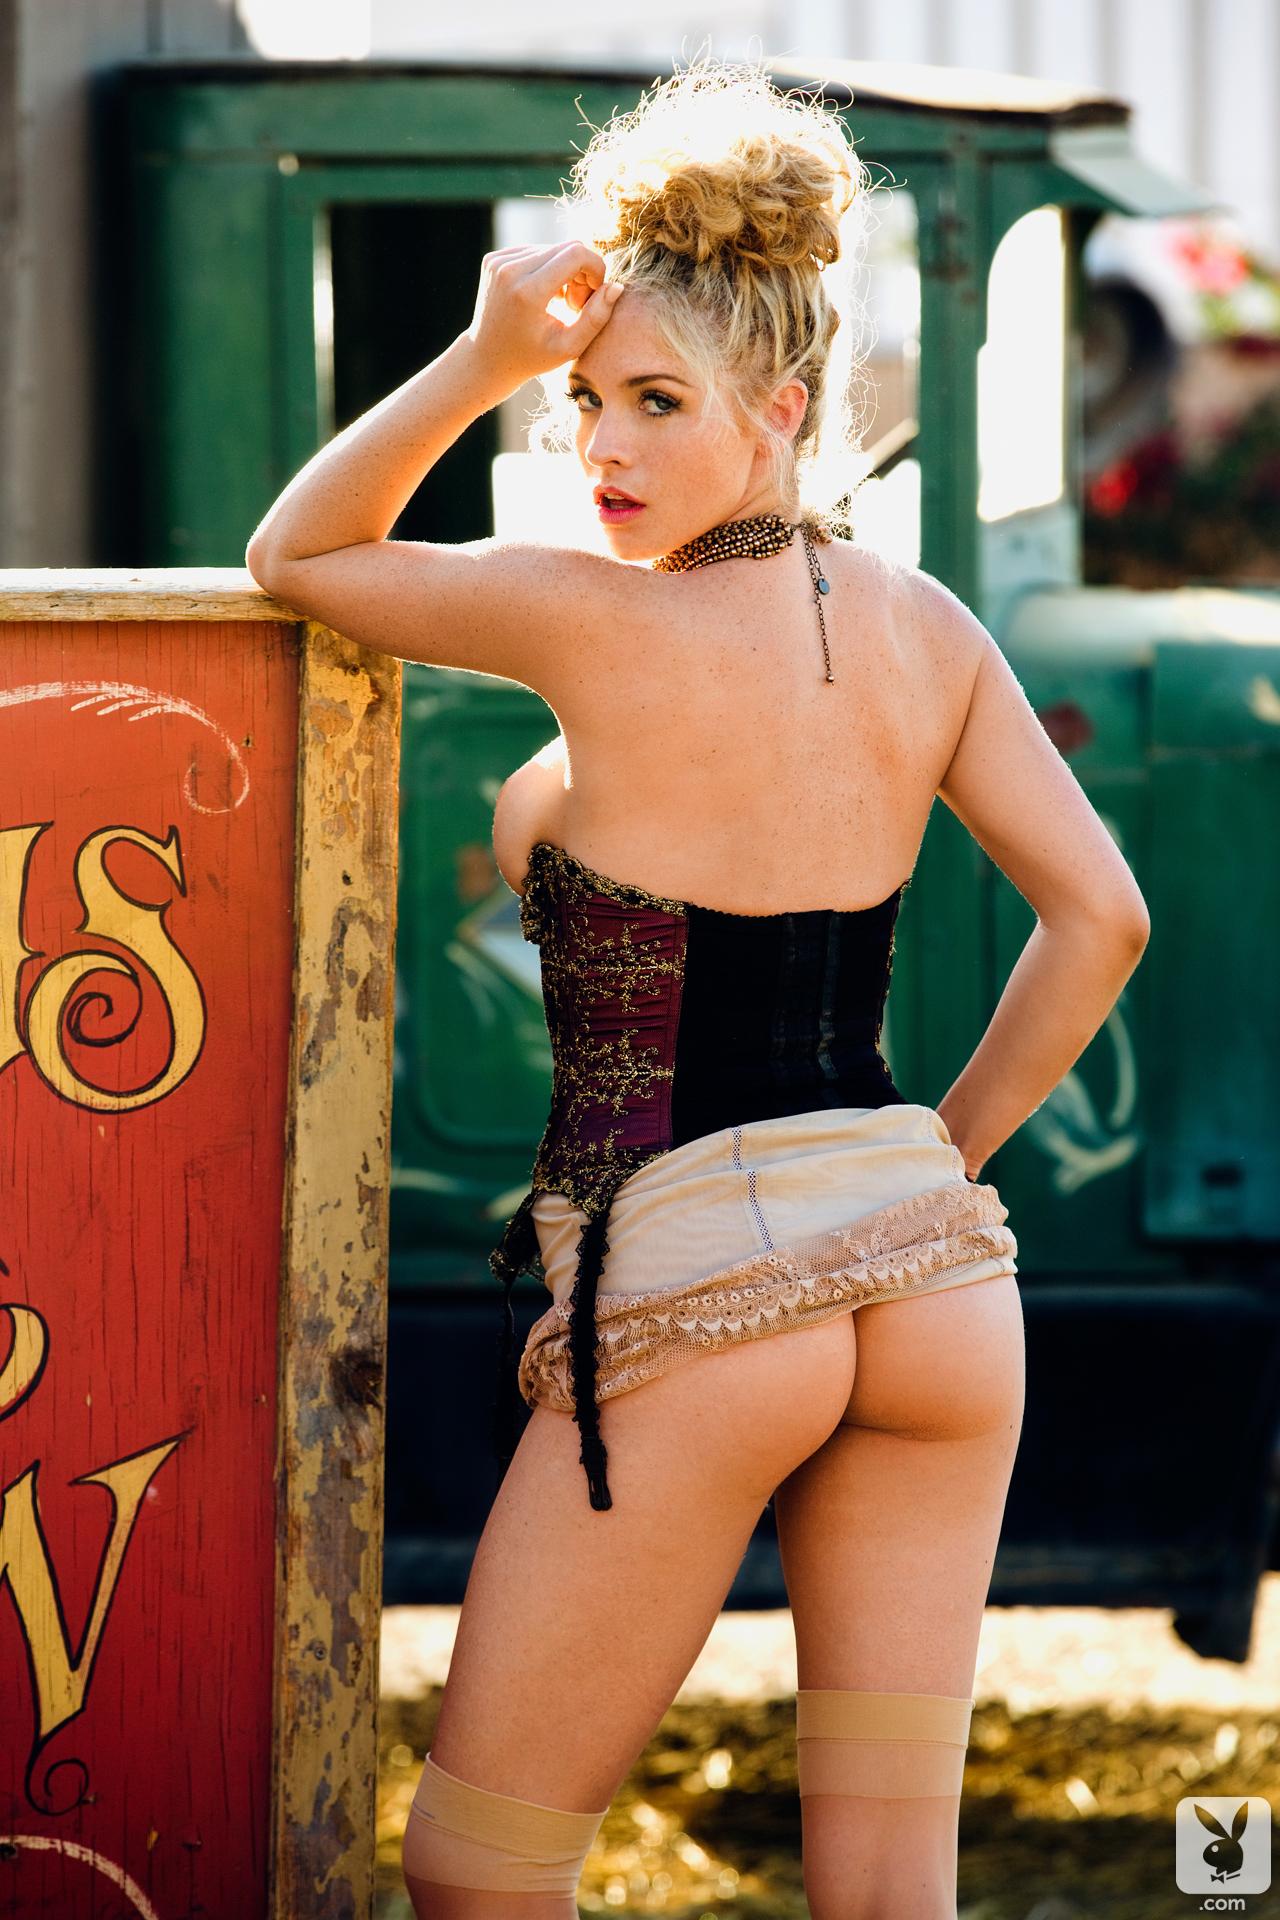 Циркачка эротика бесплатно 17 фотография